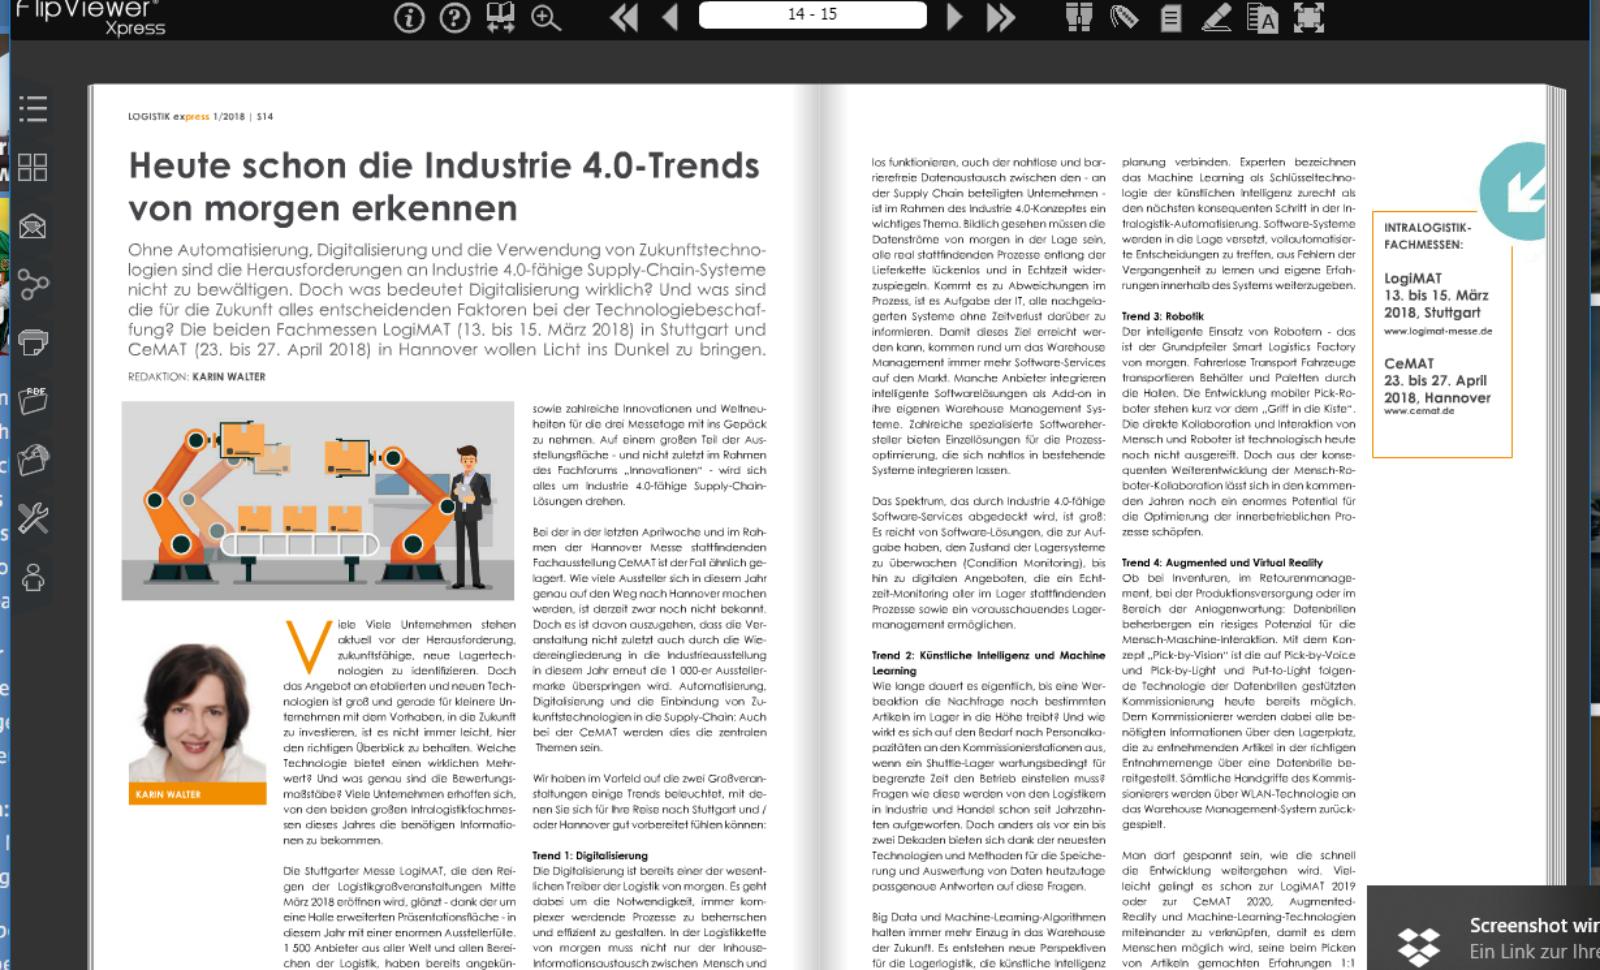 Heute schon die Industrie 4.0-Trends von morgen erkennen